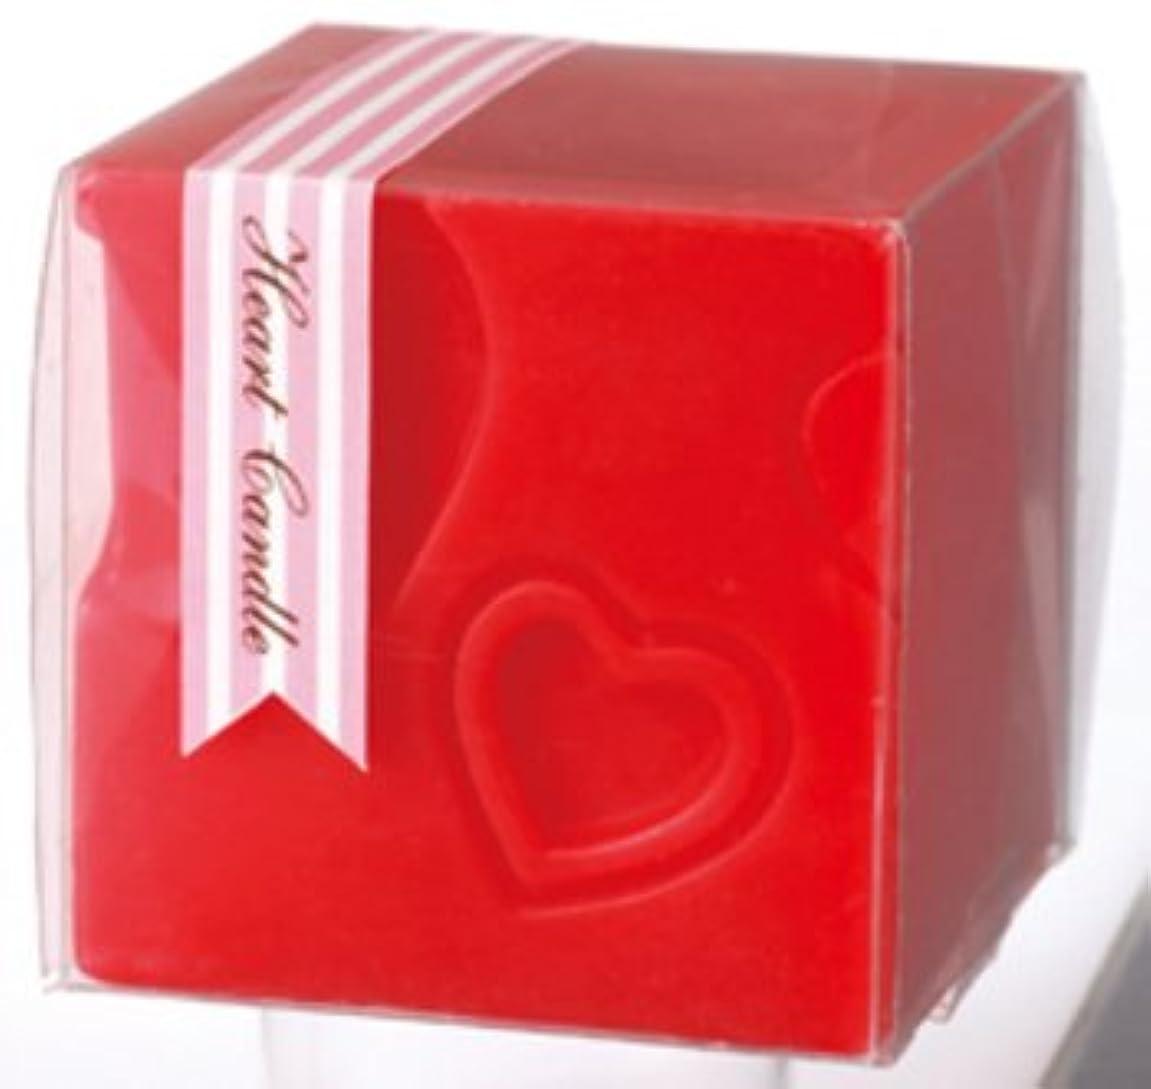 反映する幻影金銭的なKameyama Candle House ハートキューブ キャンドル